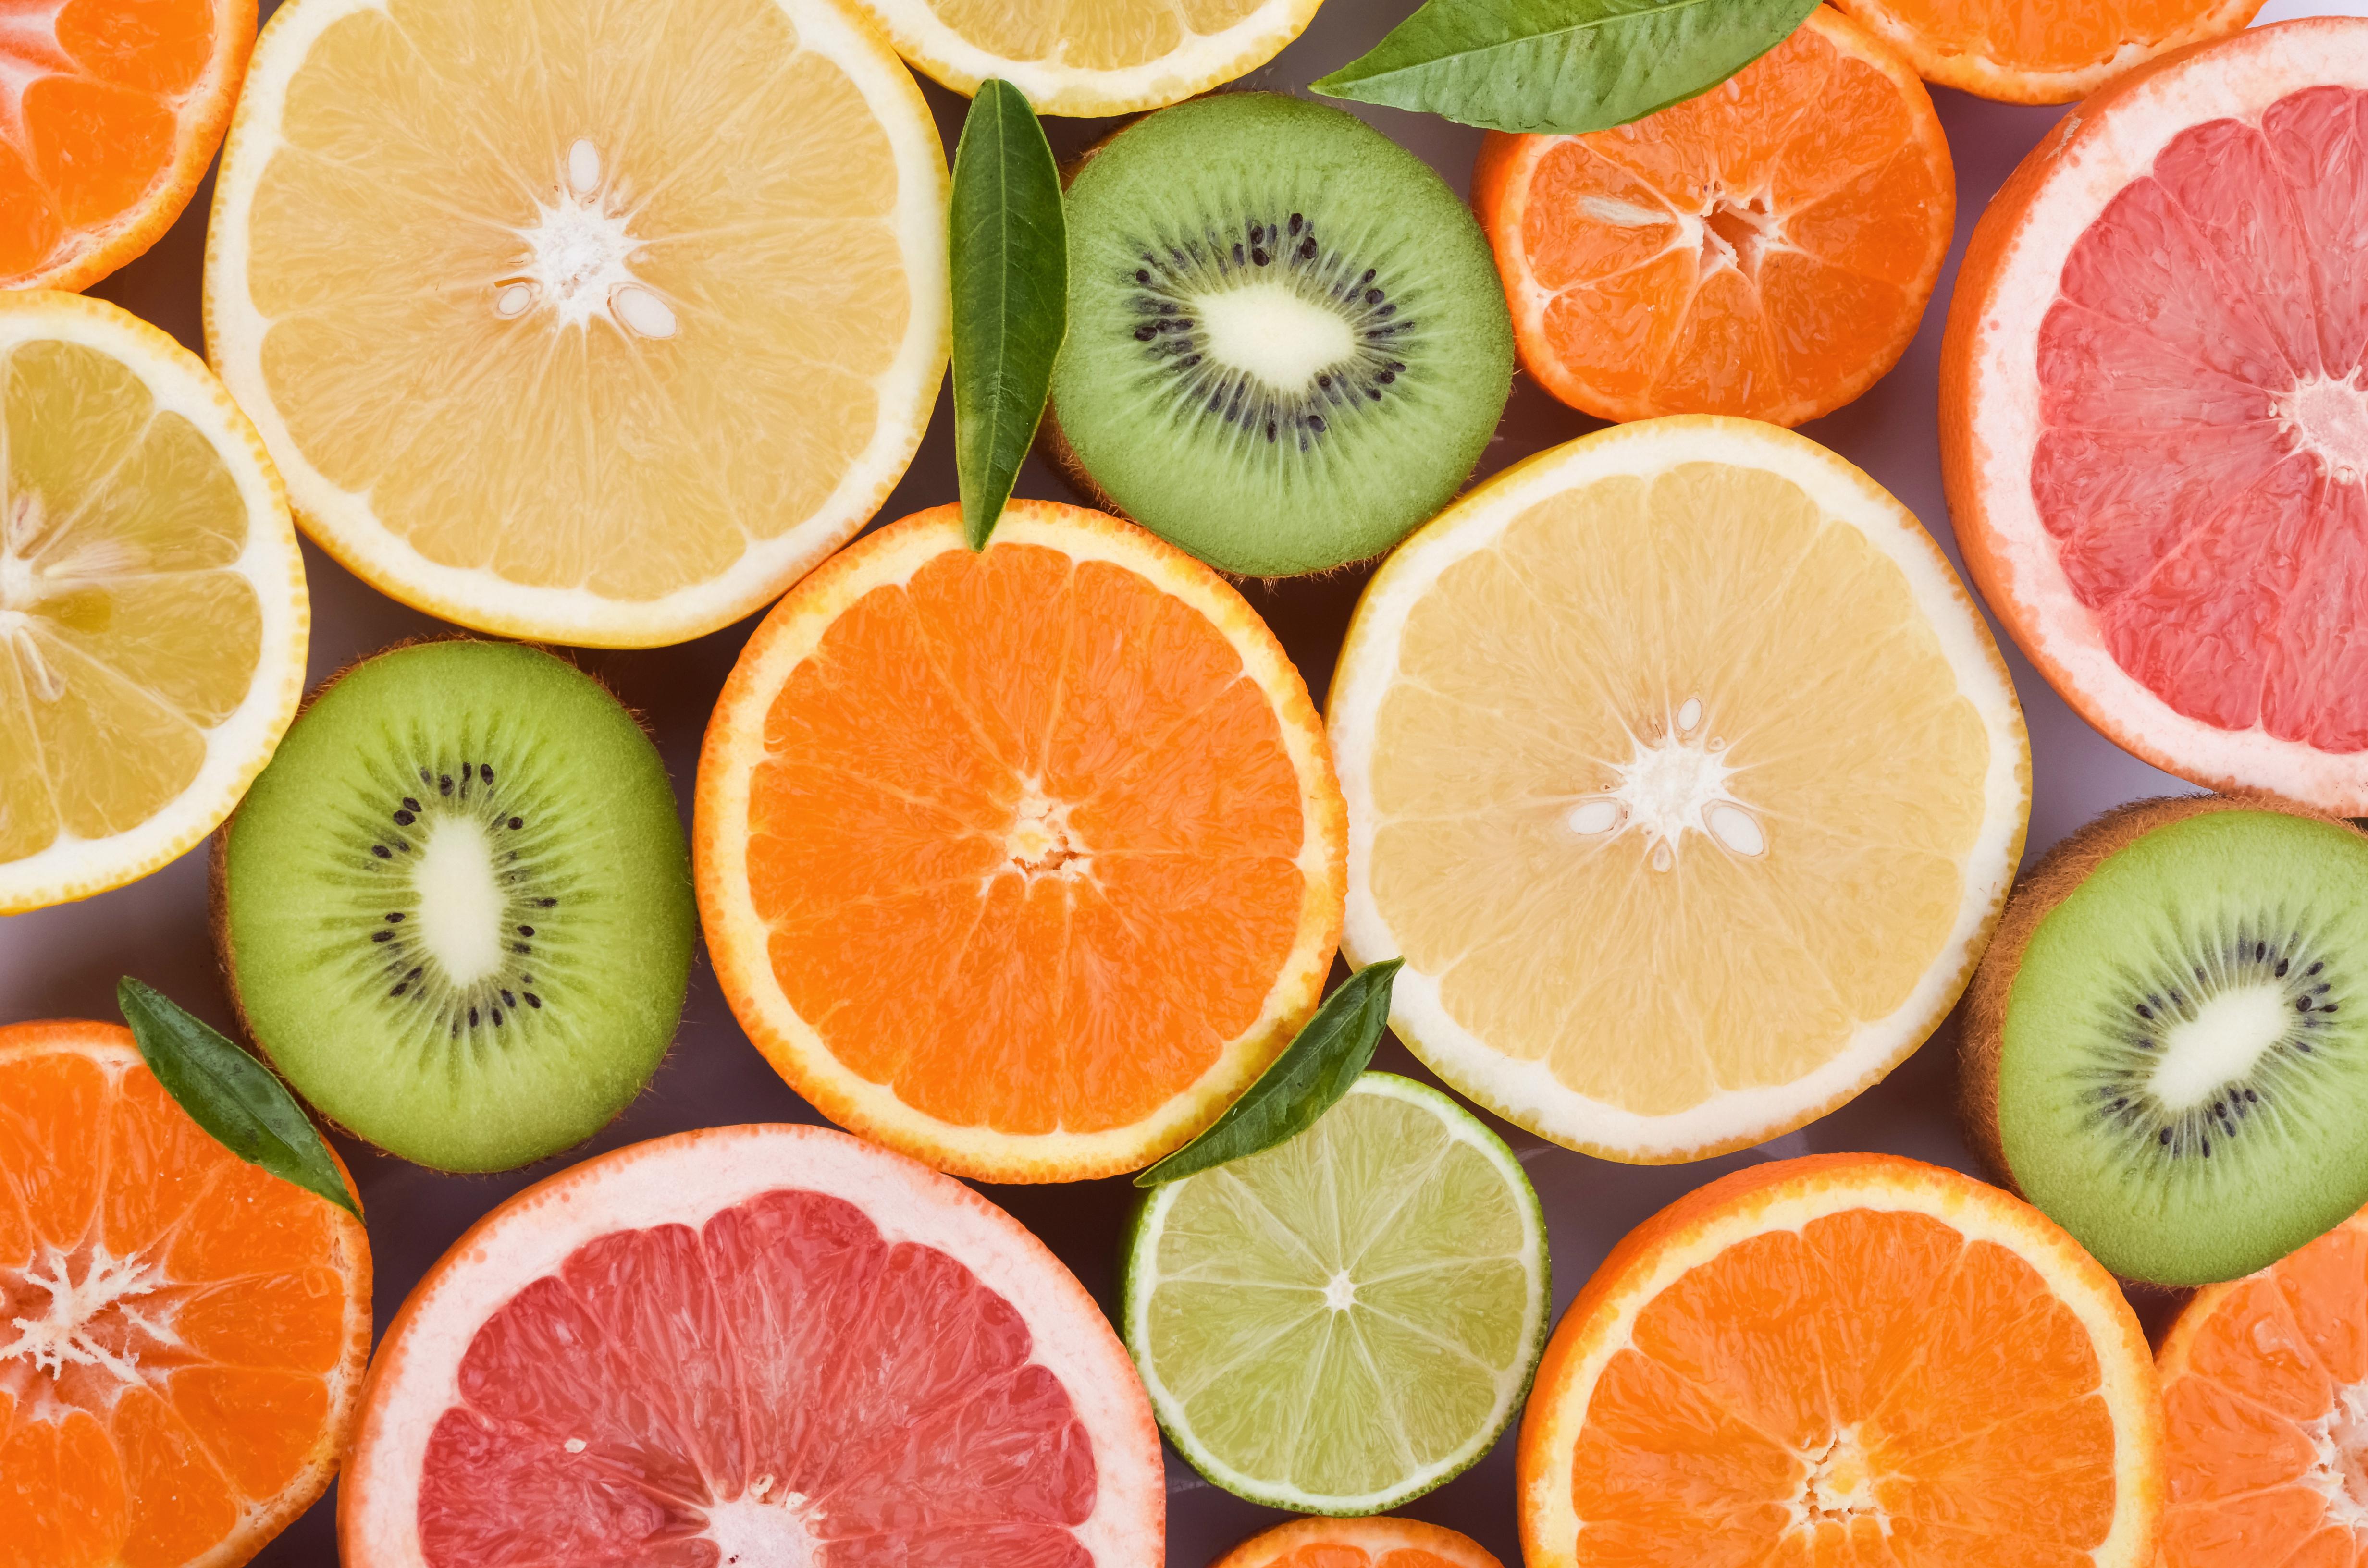 <p><strong>Витамин С</strong></p>  <p>Включете в менюто си много плодове и зеленчуци, които съдържат витамин С, тъй като той играе важна роля при борбата с вирусите. Лимонена вода, портокали, грейпфрути, листни зеленчуци, чушки са добър източник на витамин С. Добавянето на пресен лимонов сок към горещ чай с мед пък помага за намаляване на храчките. Пиенето на гореща лимонада също помага.</p>